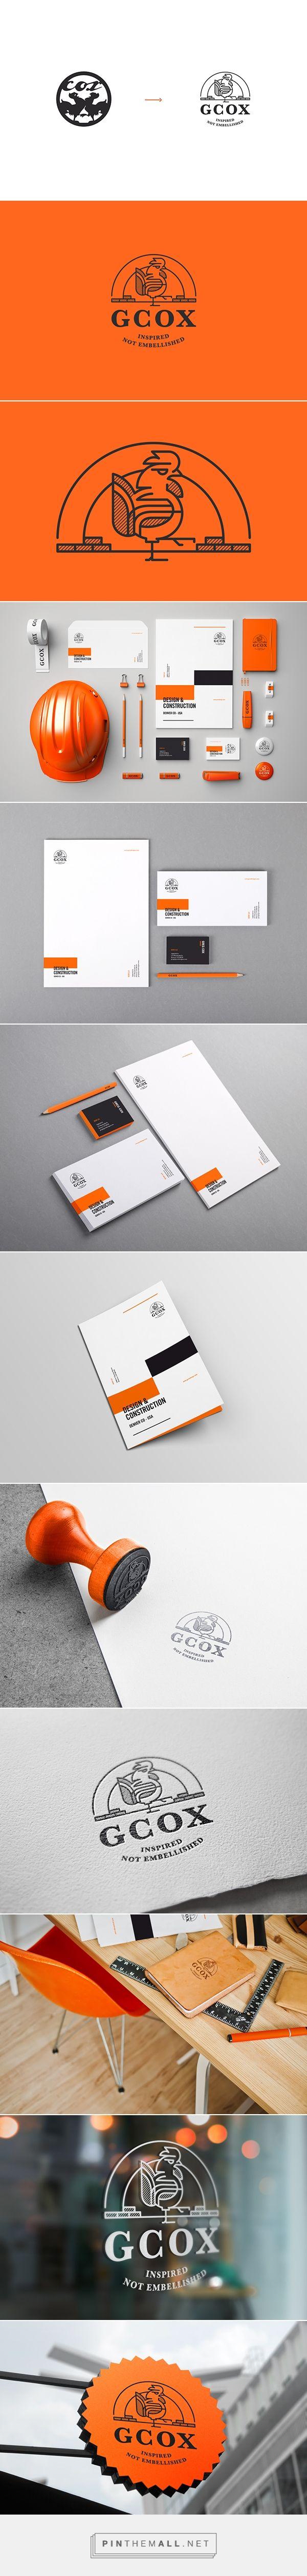 GCOX Branding